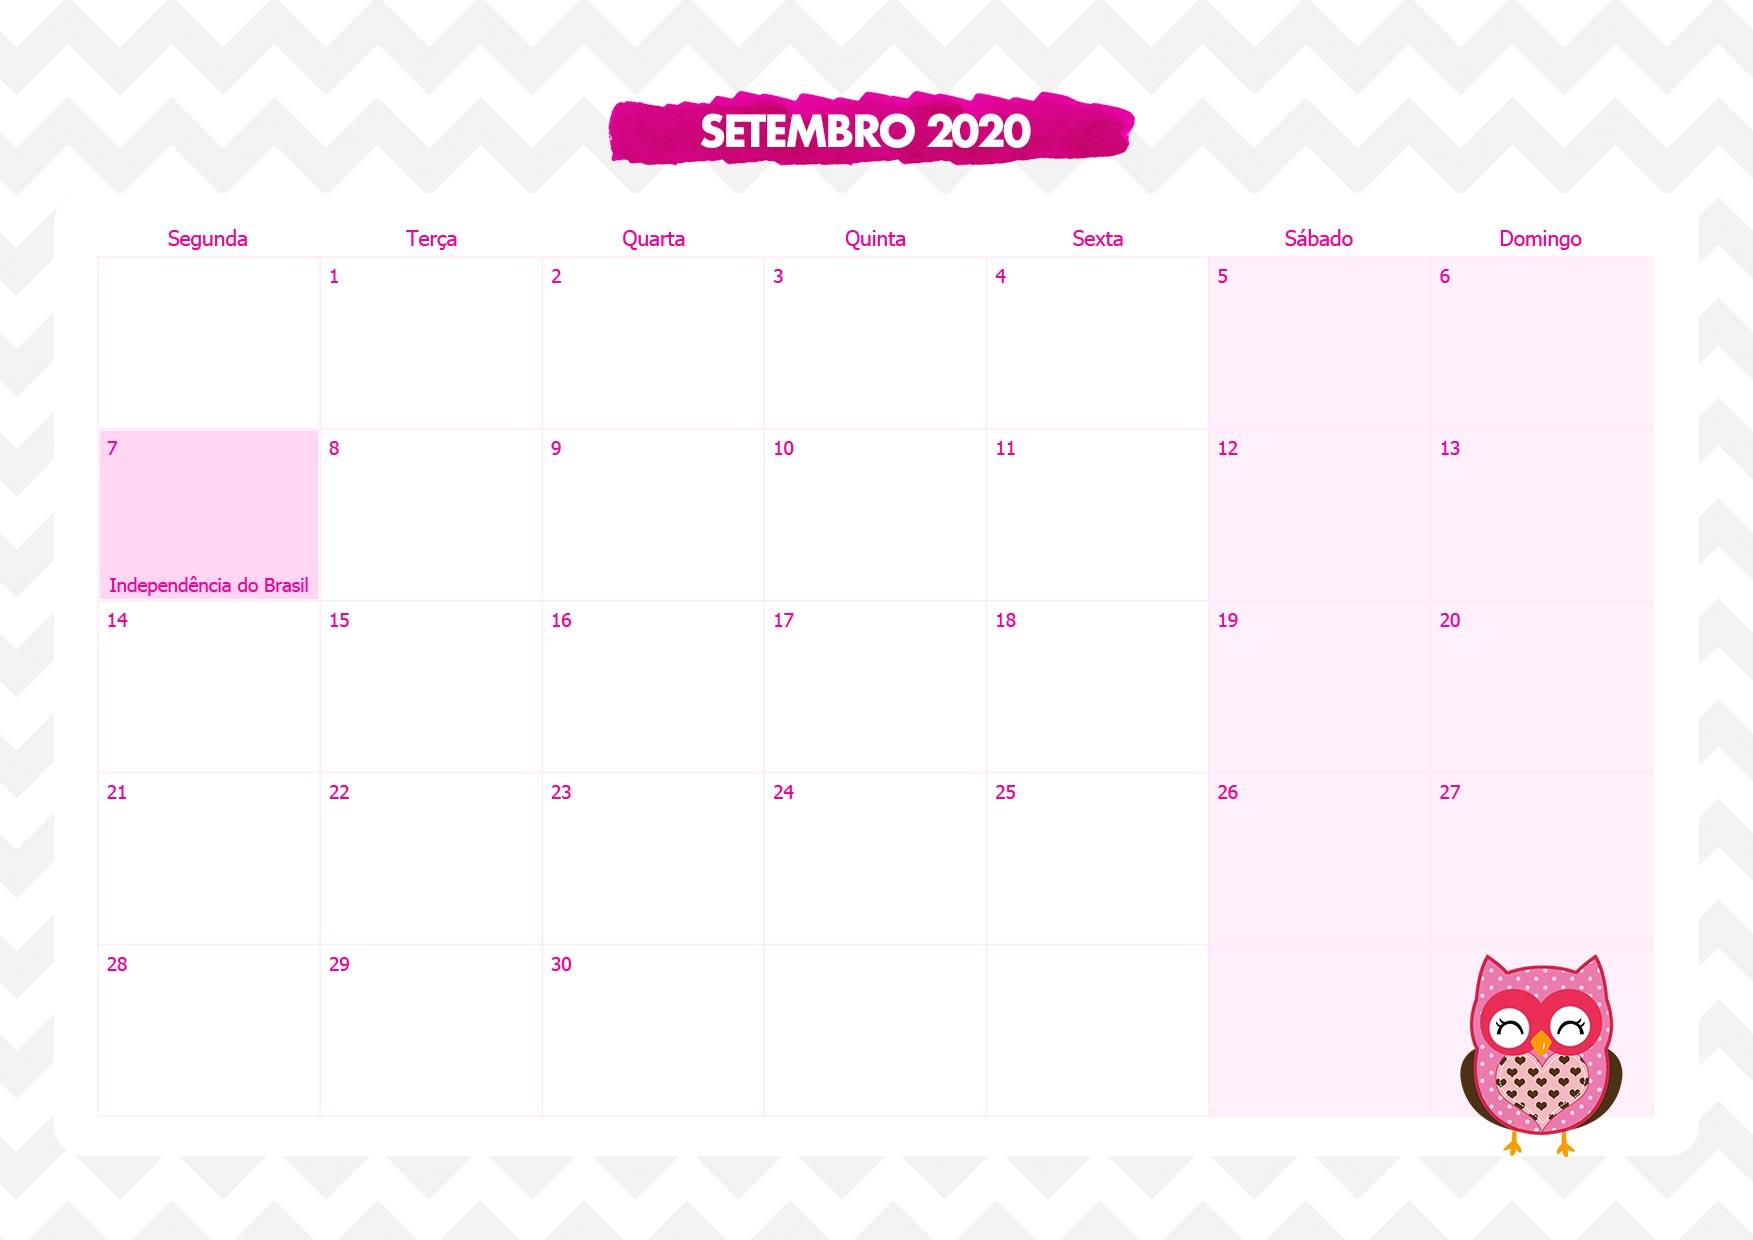 Calendario Mensal Corujinha Rosa Setembro 2020